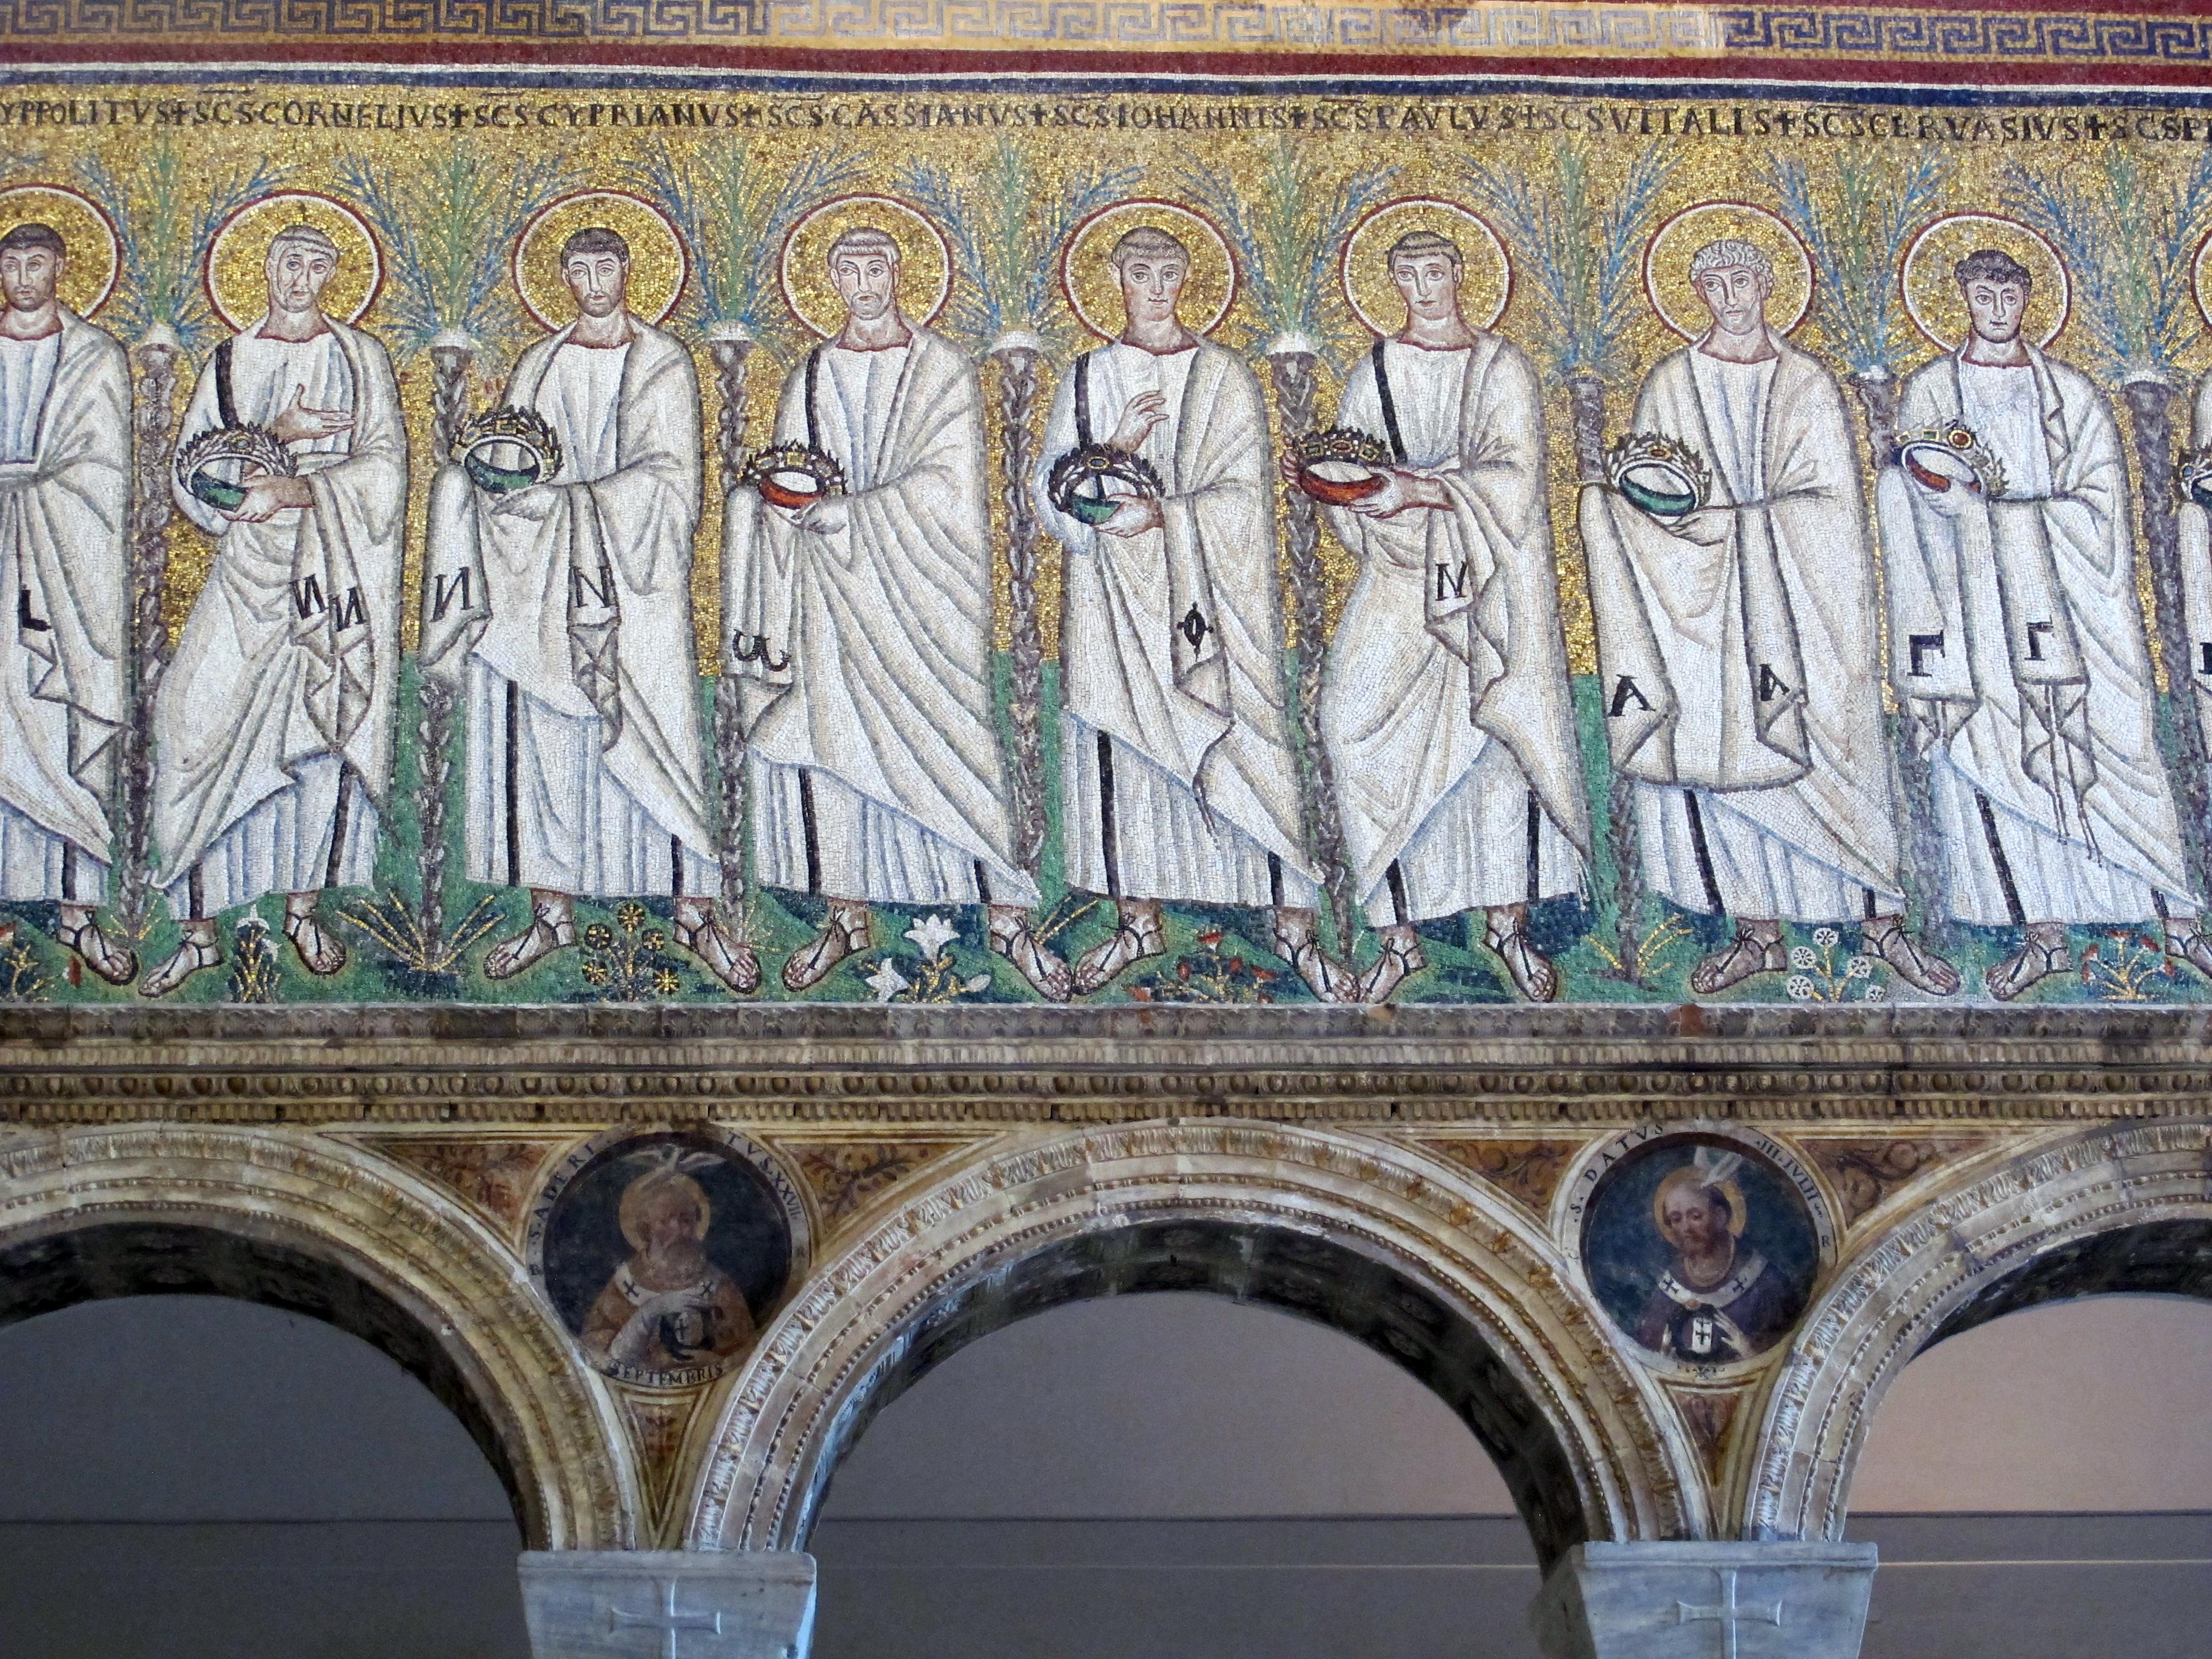 https://upload.wikimedia.org/wikipedia/commons/1/14/Ravenna%2C_sant%27apollinare_nuovo%2C_int.%2C_santi_martiri_offerenti%2C_epoca_del_vescovo_agnello%2C_02.JPG